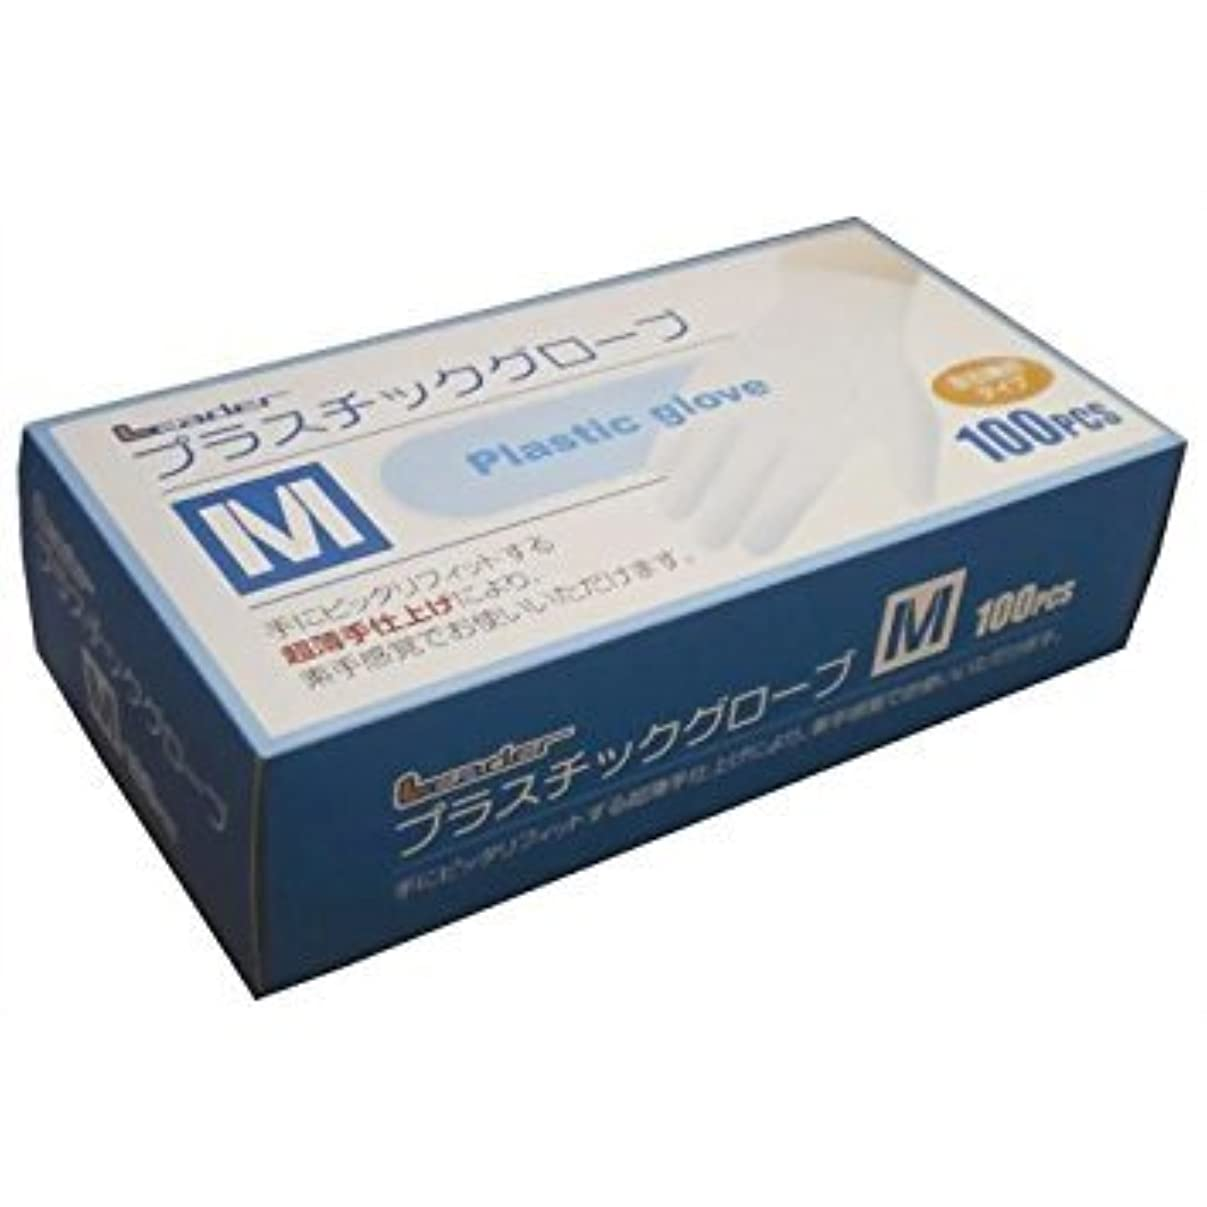 毎週科学者不道徳「梱売」リーダー プラスチックグローブ Mサイズ 100枚入x10箱セット